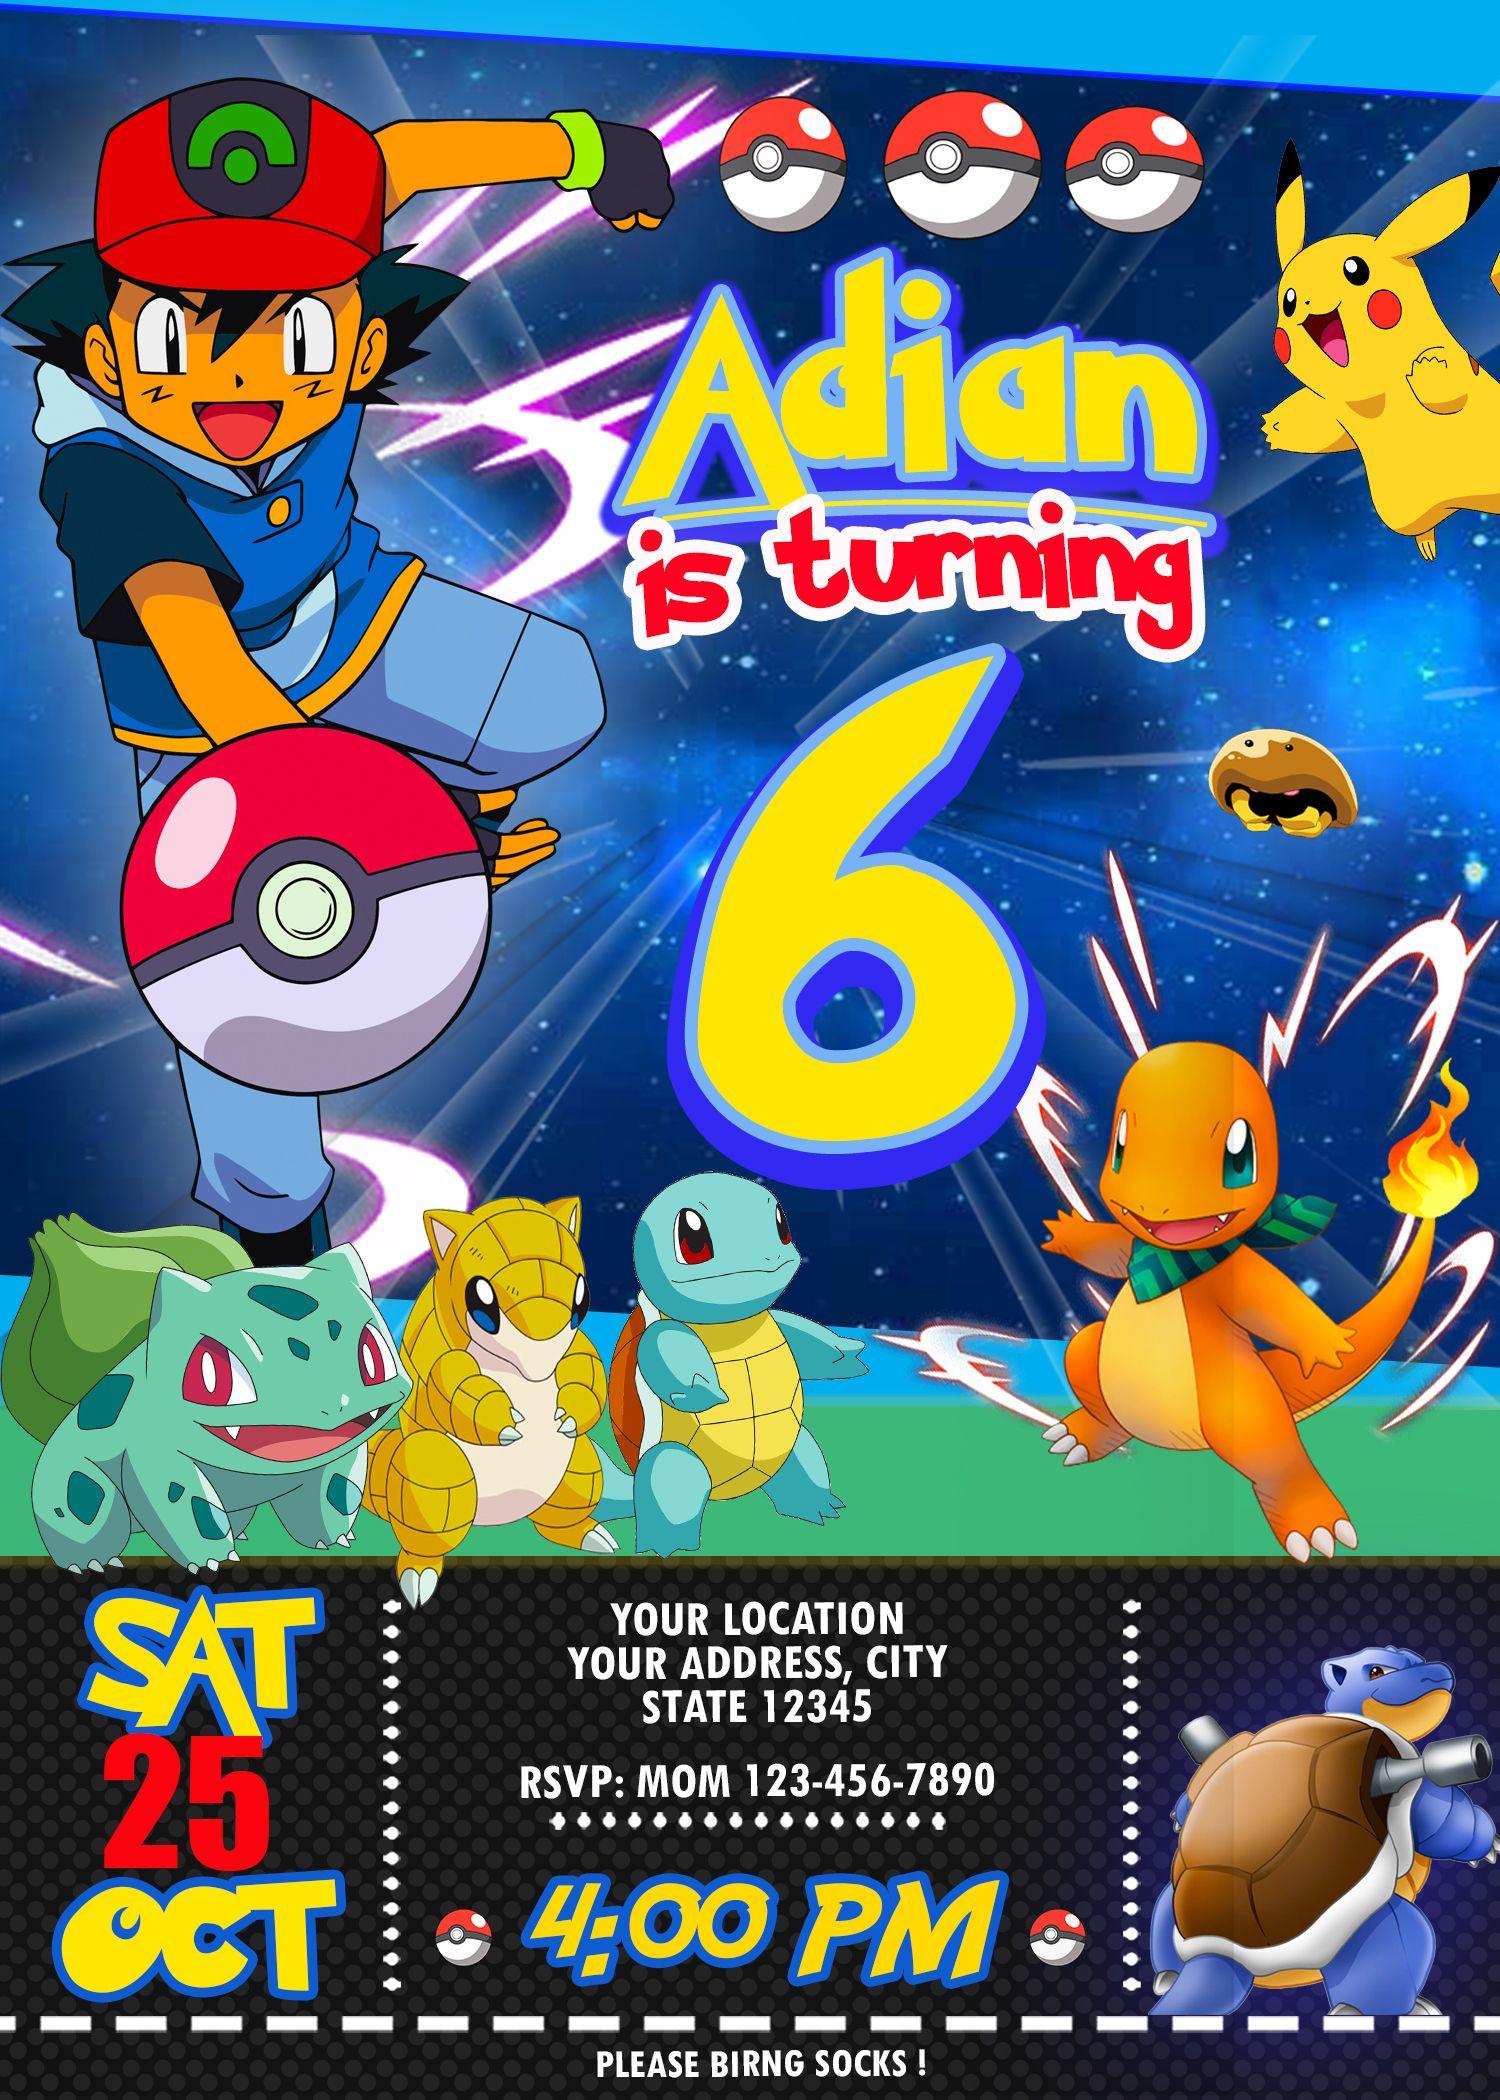 Pokemon Birthday Invitation Oscarsitosroom Pokemon Birthday Invites Pokemon Invitations Pokemon Birthday Party